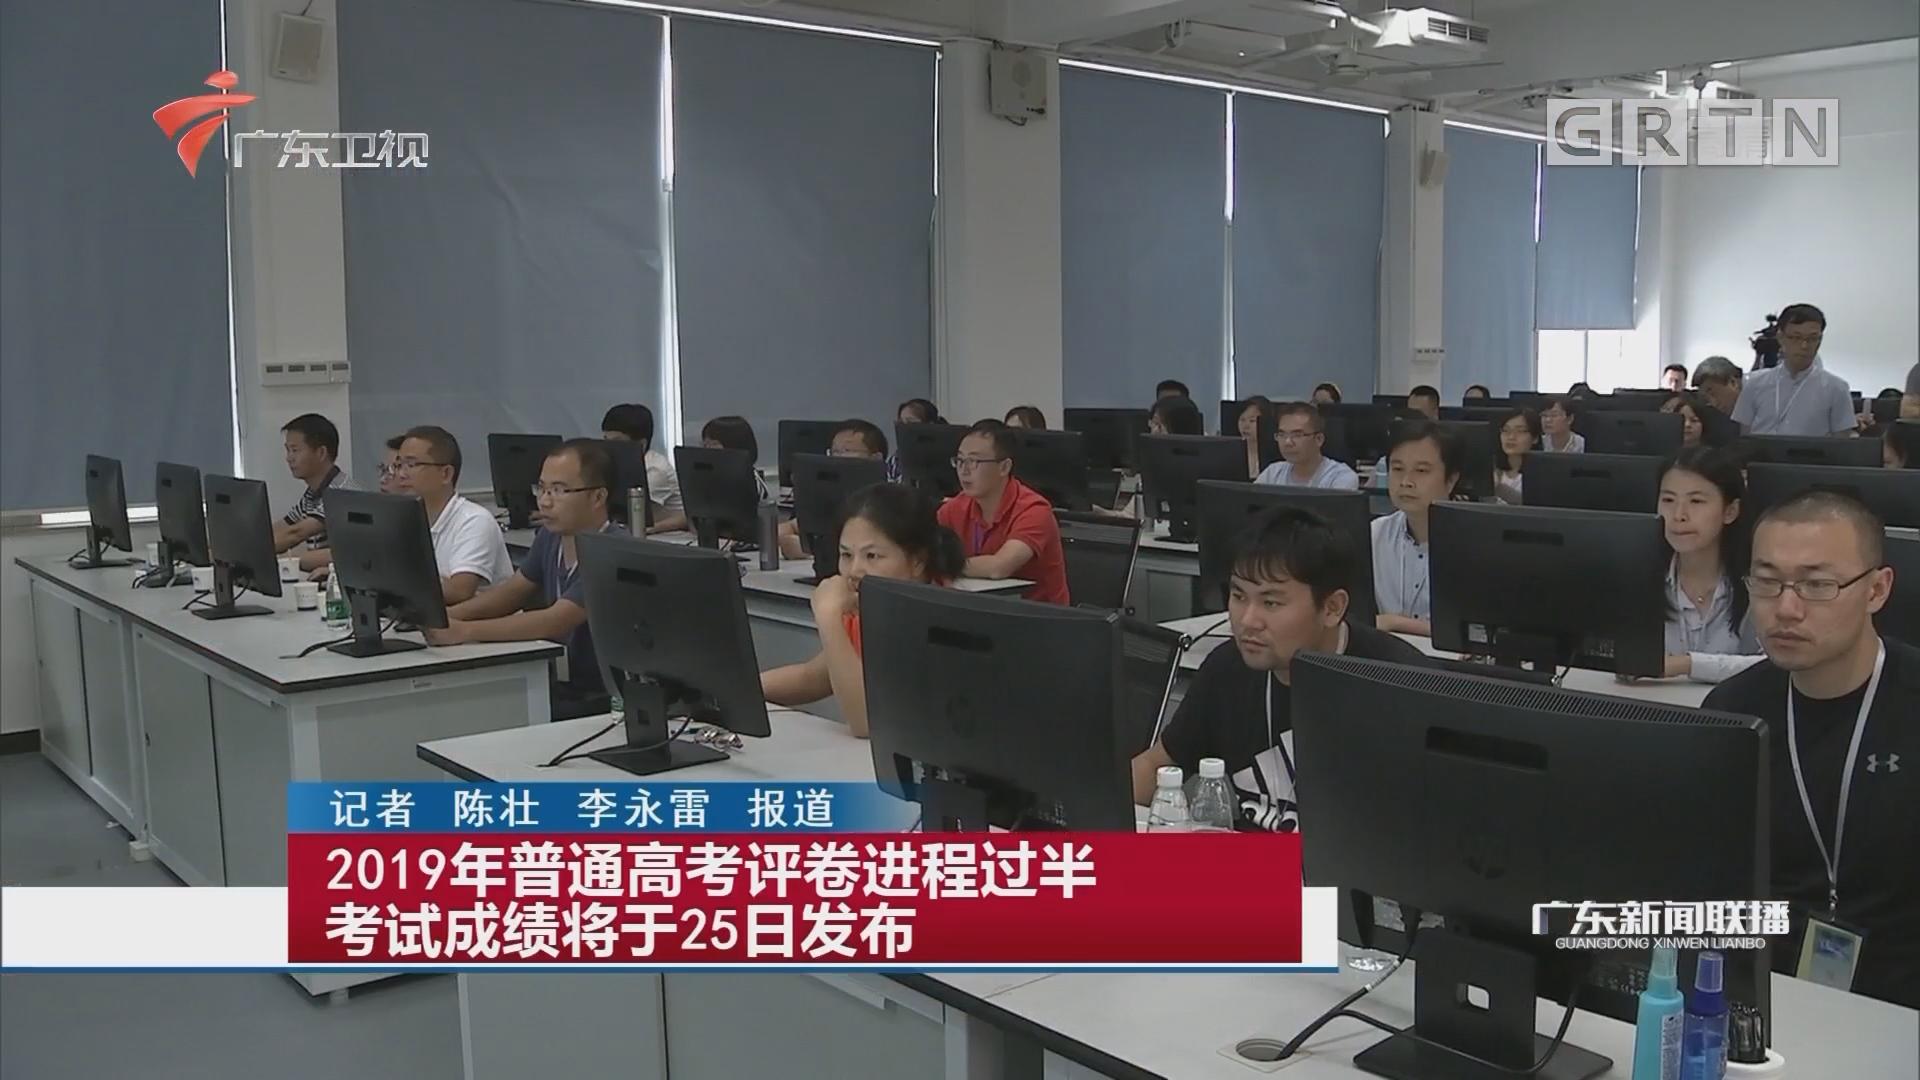 2019年普通高考评卷进程过半 考试成绩将于25日发布